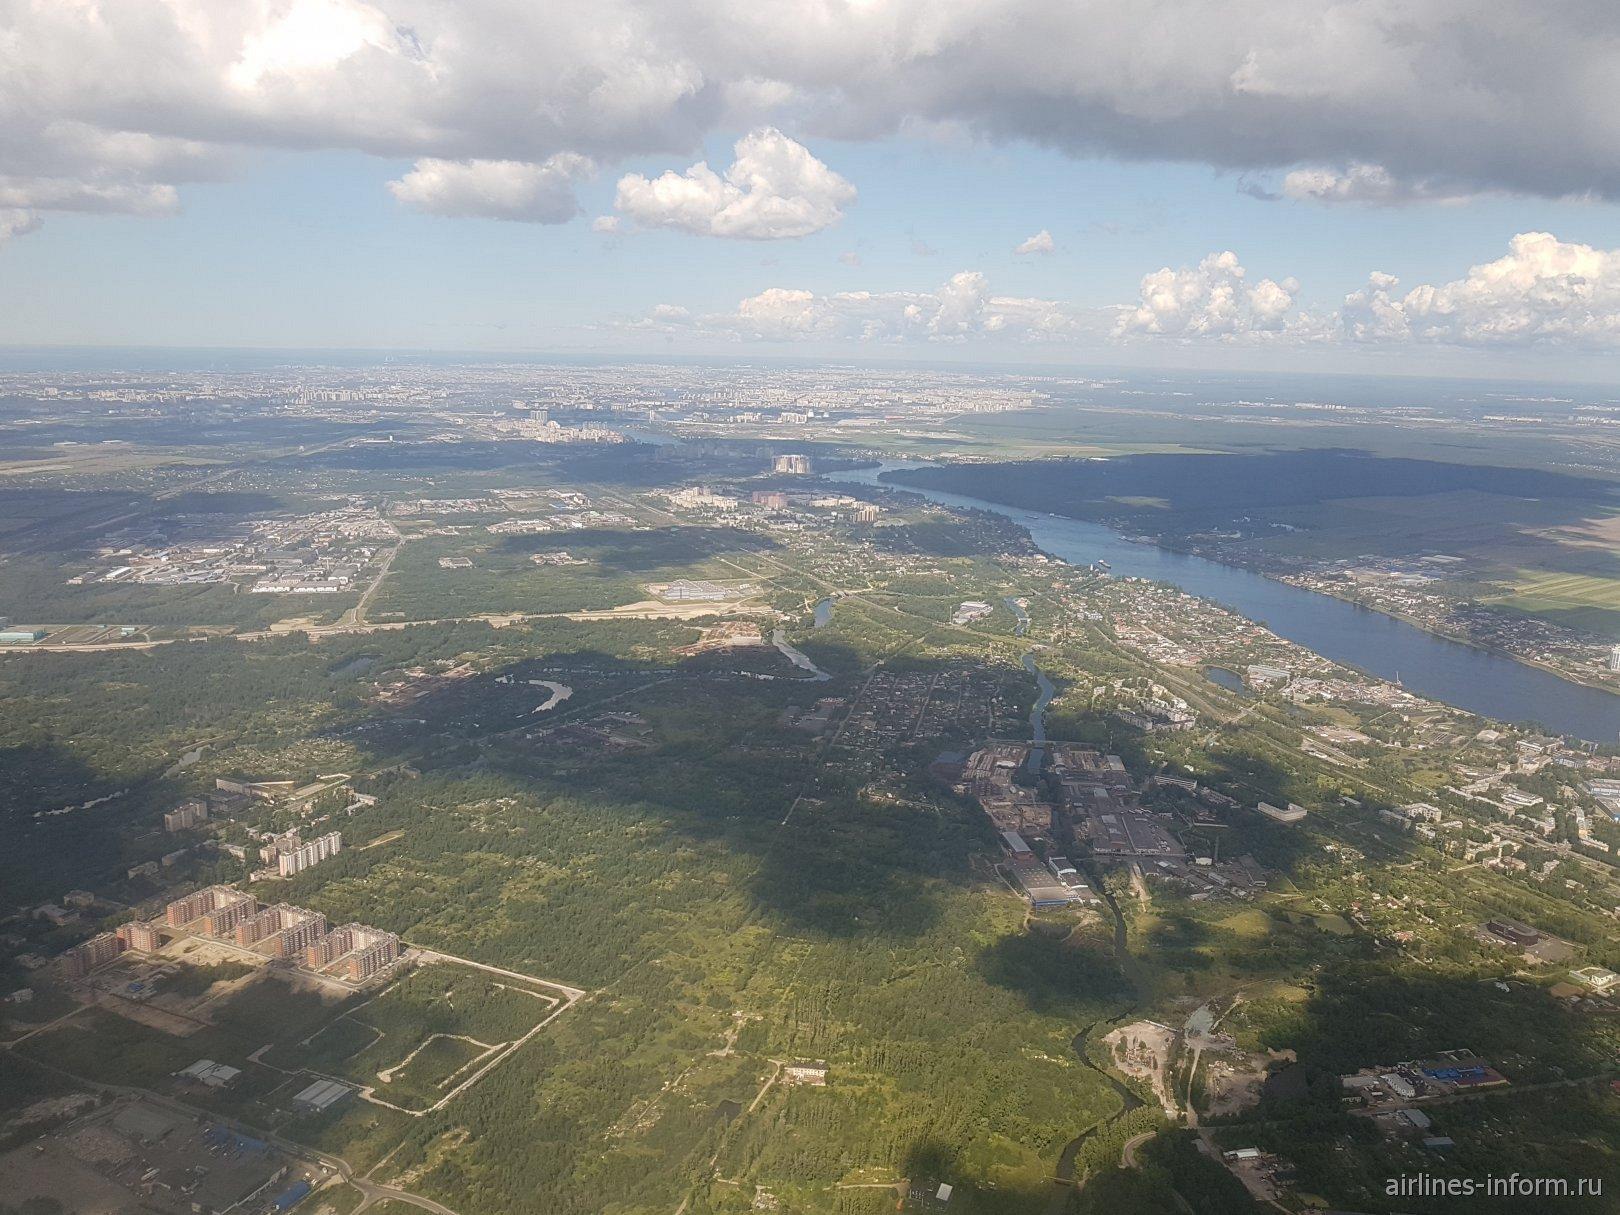 Вид из самолета на пригороды Санкт-Петербурга перед посадкой в аэропорту Пулково